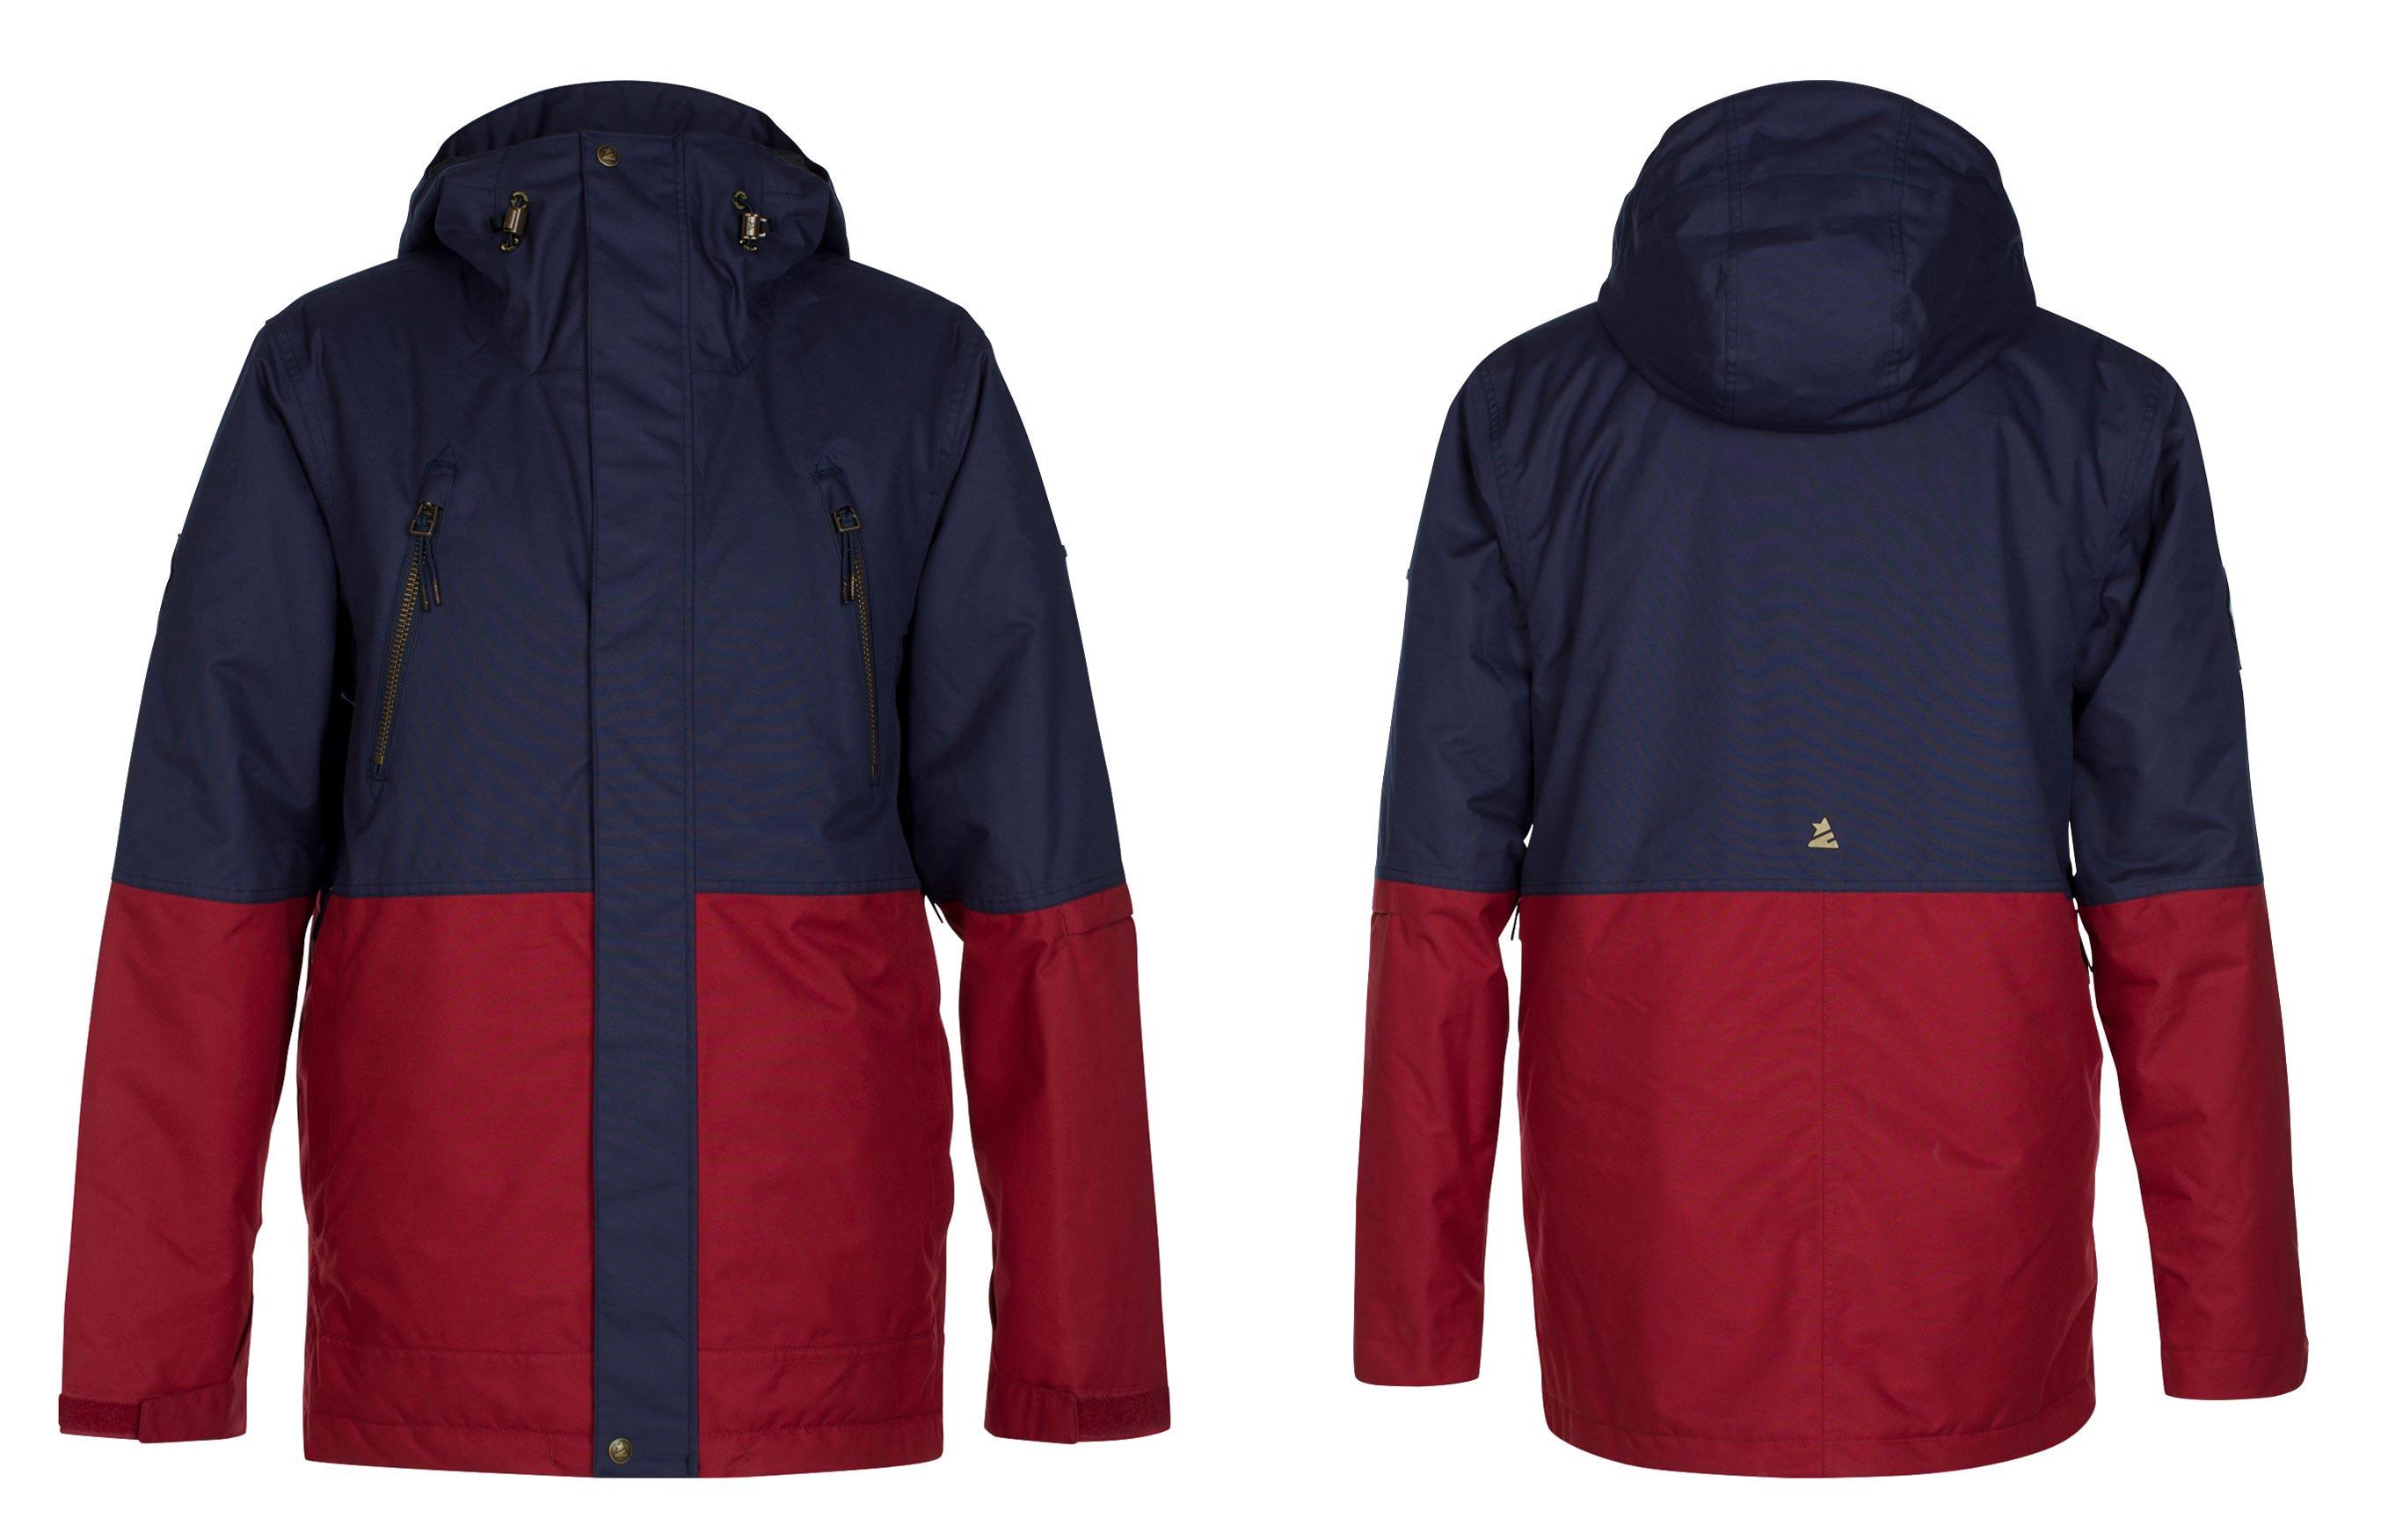 Zimtstern Leifz Snow Jacket für Männer - Farbe: Navy